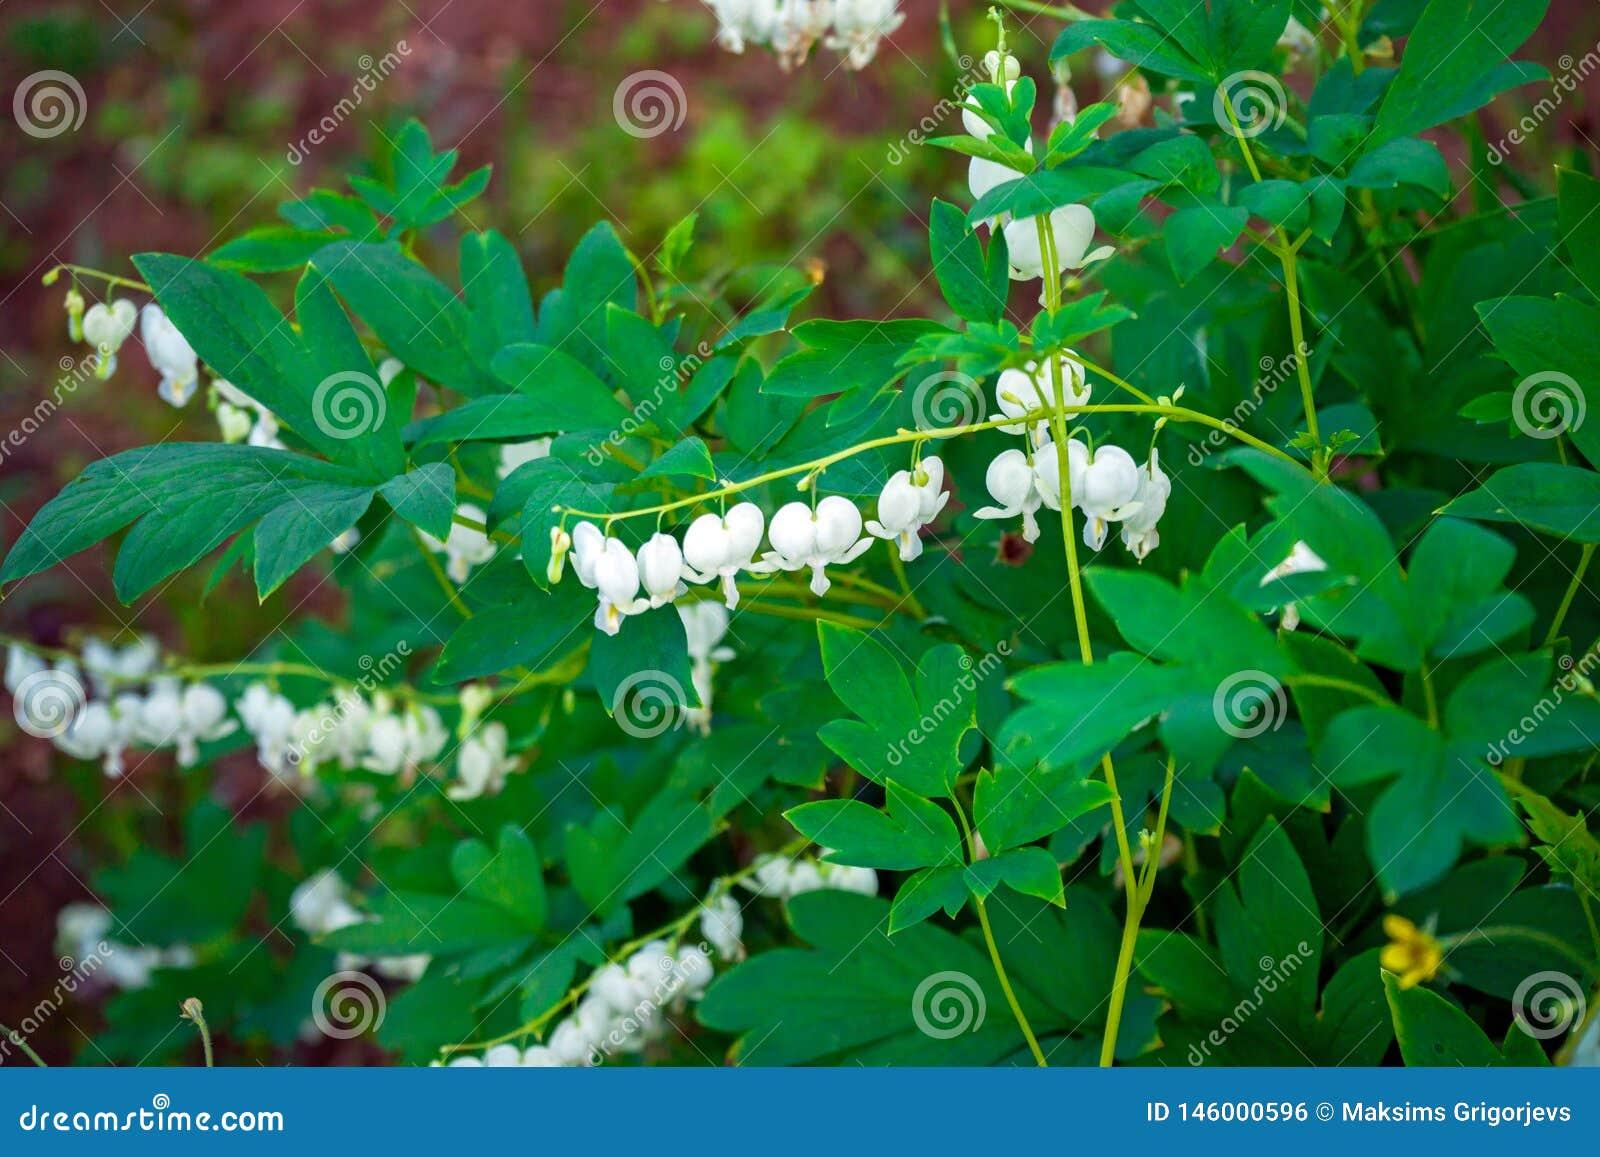 Biali krwawi?cego serca kwiat?w Dicentra spectabilis Alba w wio?nie uprawiaj? ogr?dek